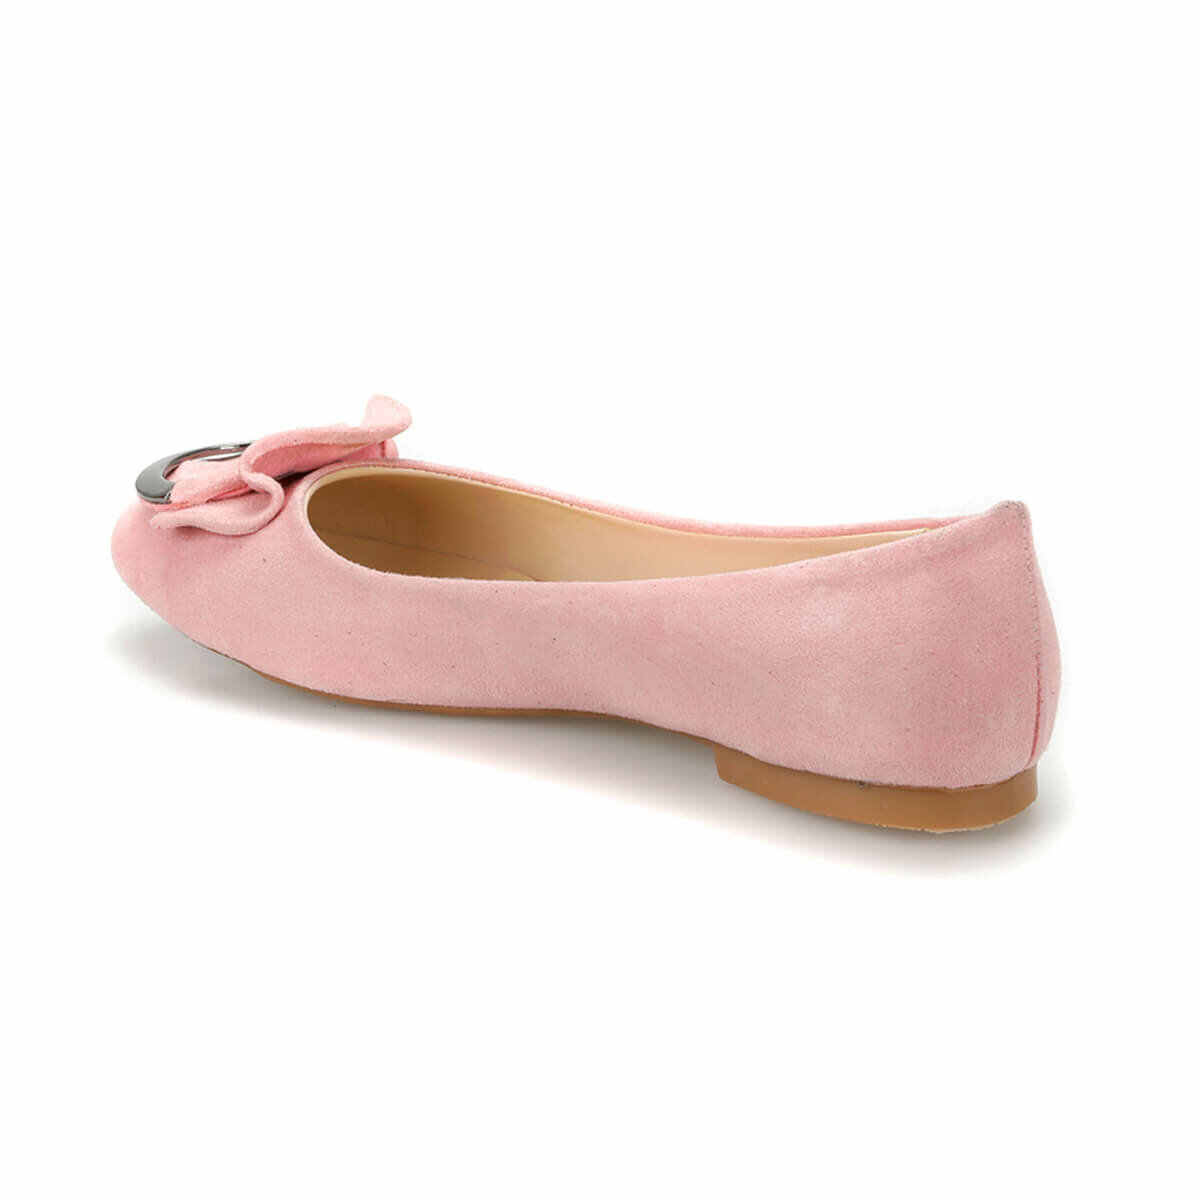 Flo Cho Nữ Giày Đế Bằng Nữ Độn Mộc Mạch Trà Nữ Cho Nữ Giày Ballerina Butigo DS19014